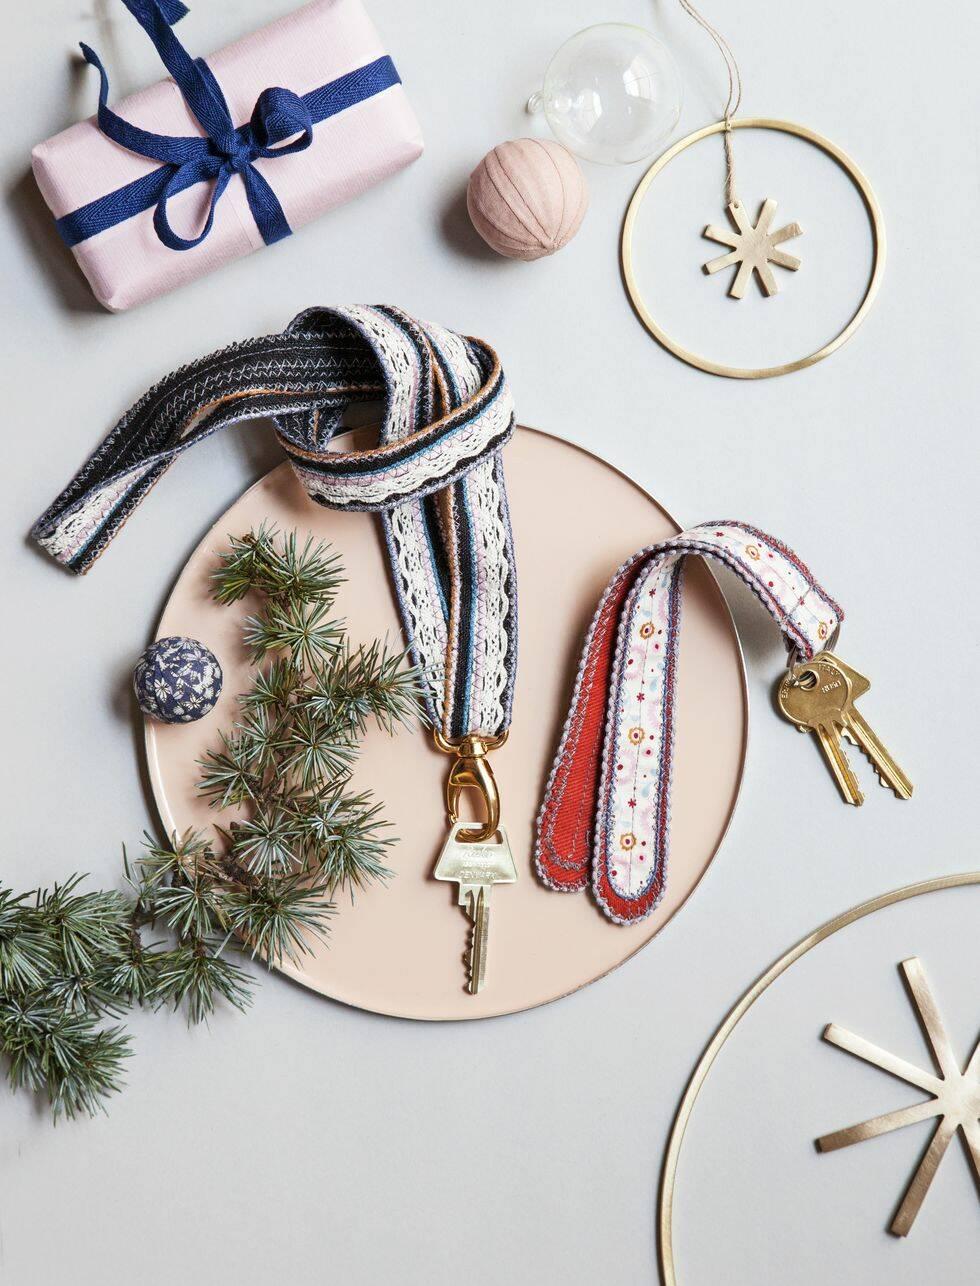 5 hemmagjorda klappar att ge bort i jul